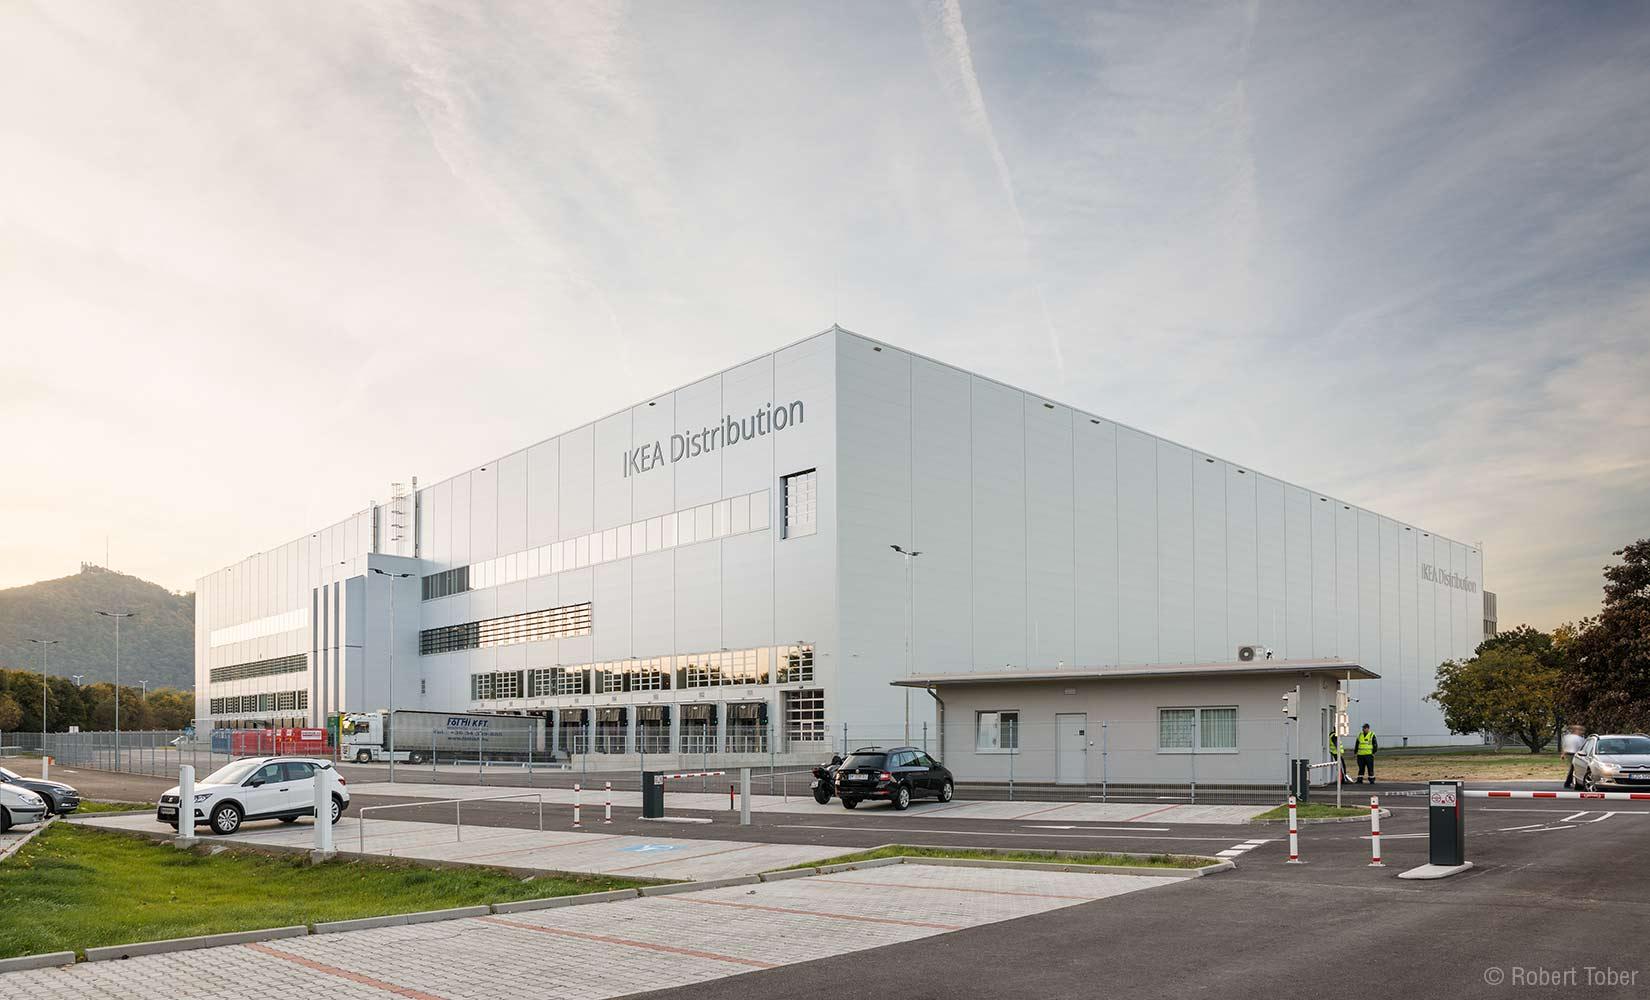 IKEA CDC Distribution, Logistikzentrum in Strebersdorf mit hochregallager, Aussenansicht mit Parkplatz,© Robert Tober · www.toro.cc